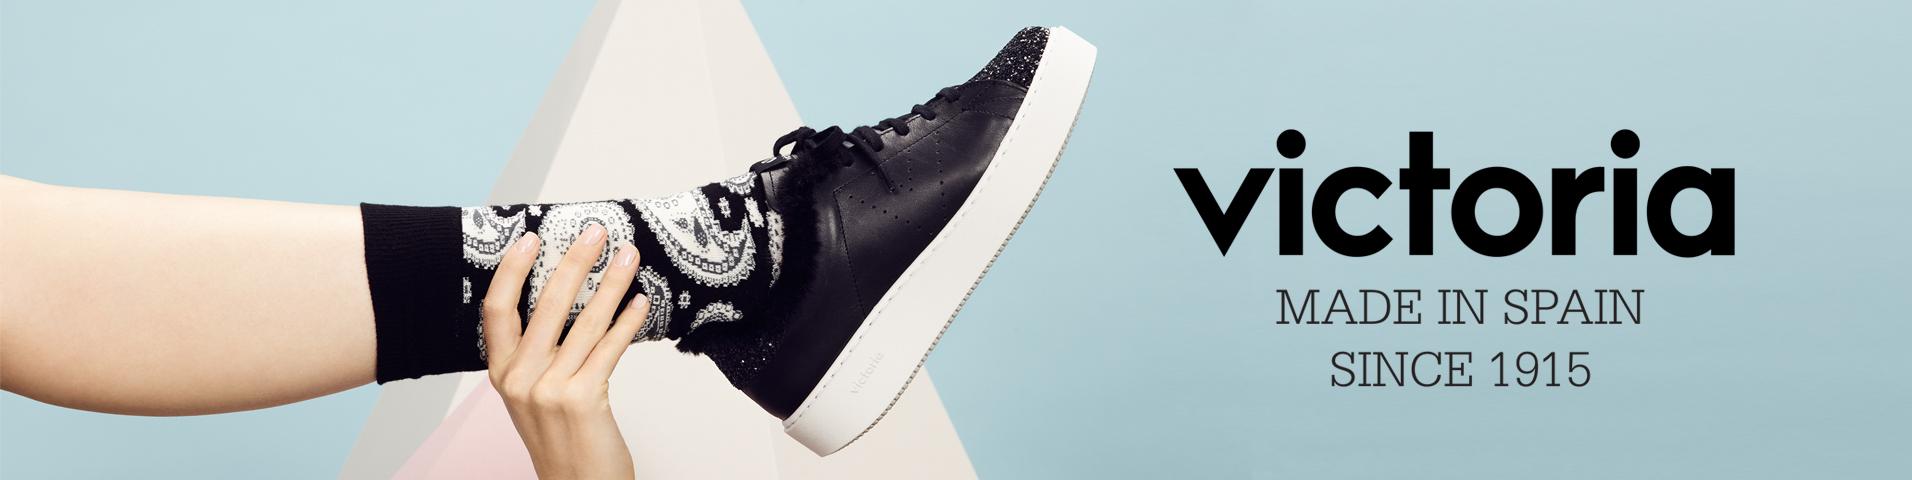 KhBPEnf  chaussures zalando,besson chaussures en ligne,chaussures pour  femme adidas 6702146d27b5